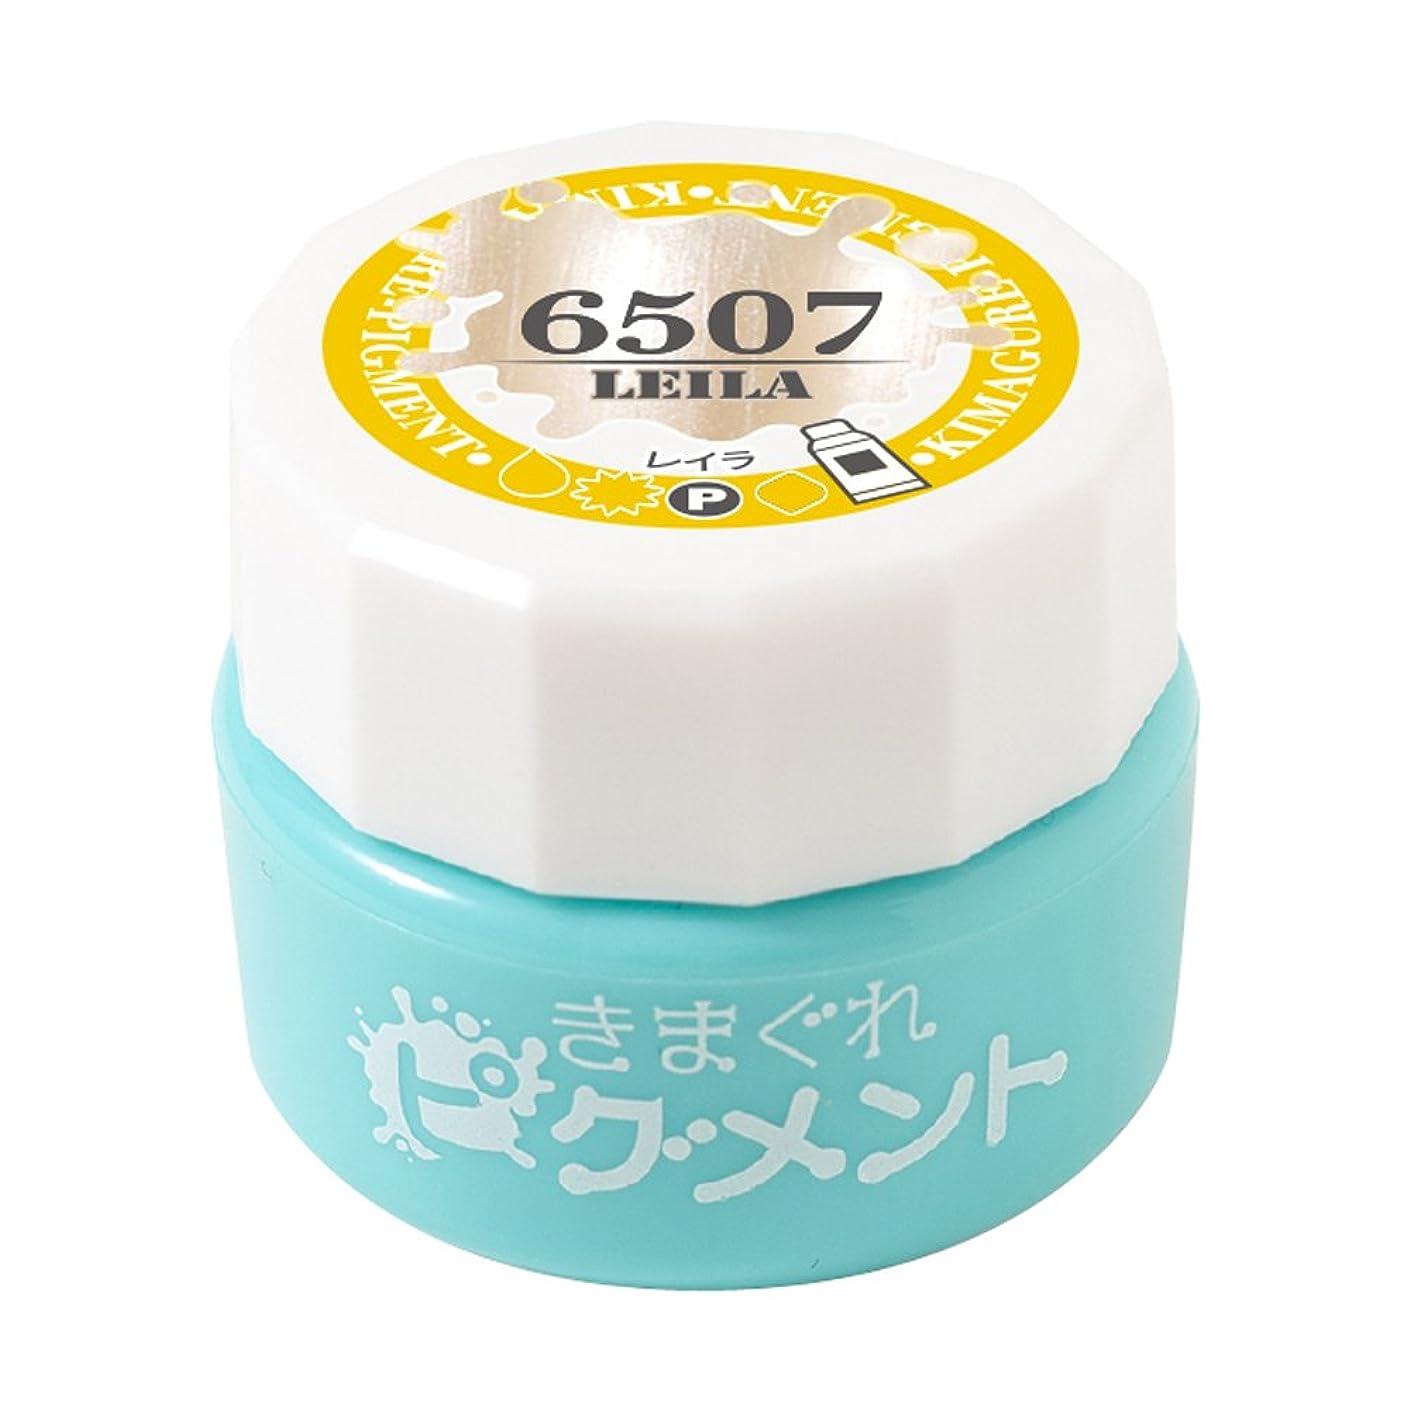 メタリック避ける風味Bettygel きまぐれピグメント レイラ QYJ-6507 4g UV/LED対応